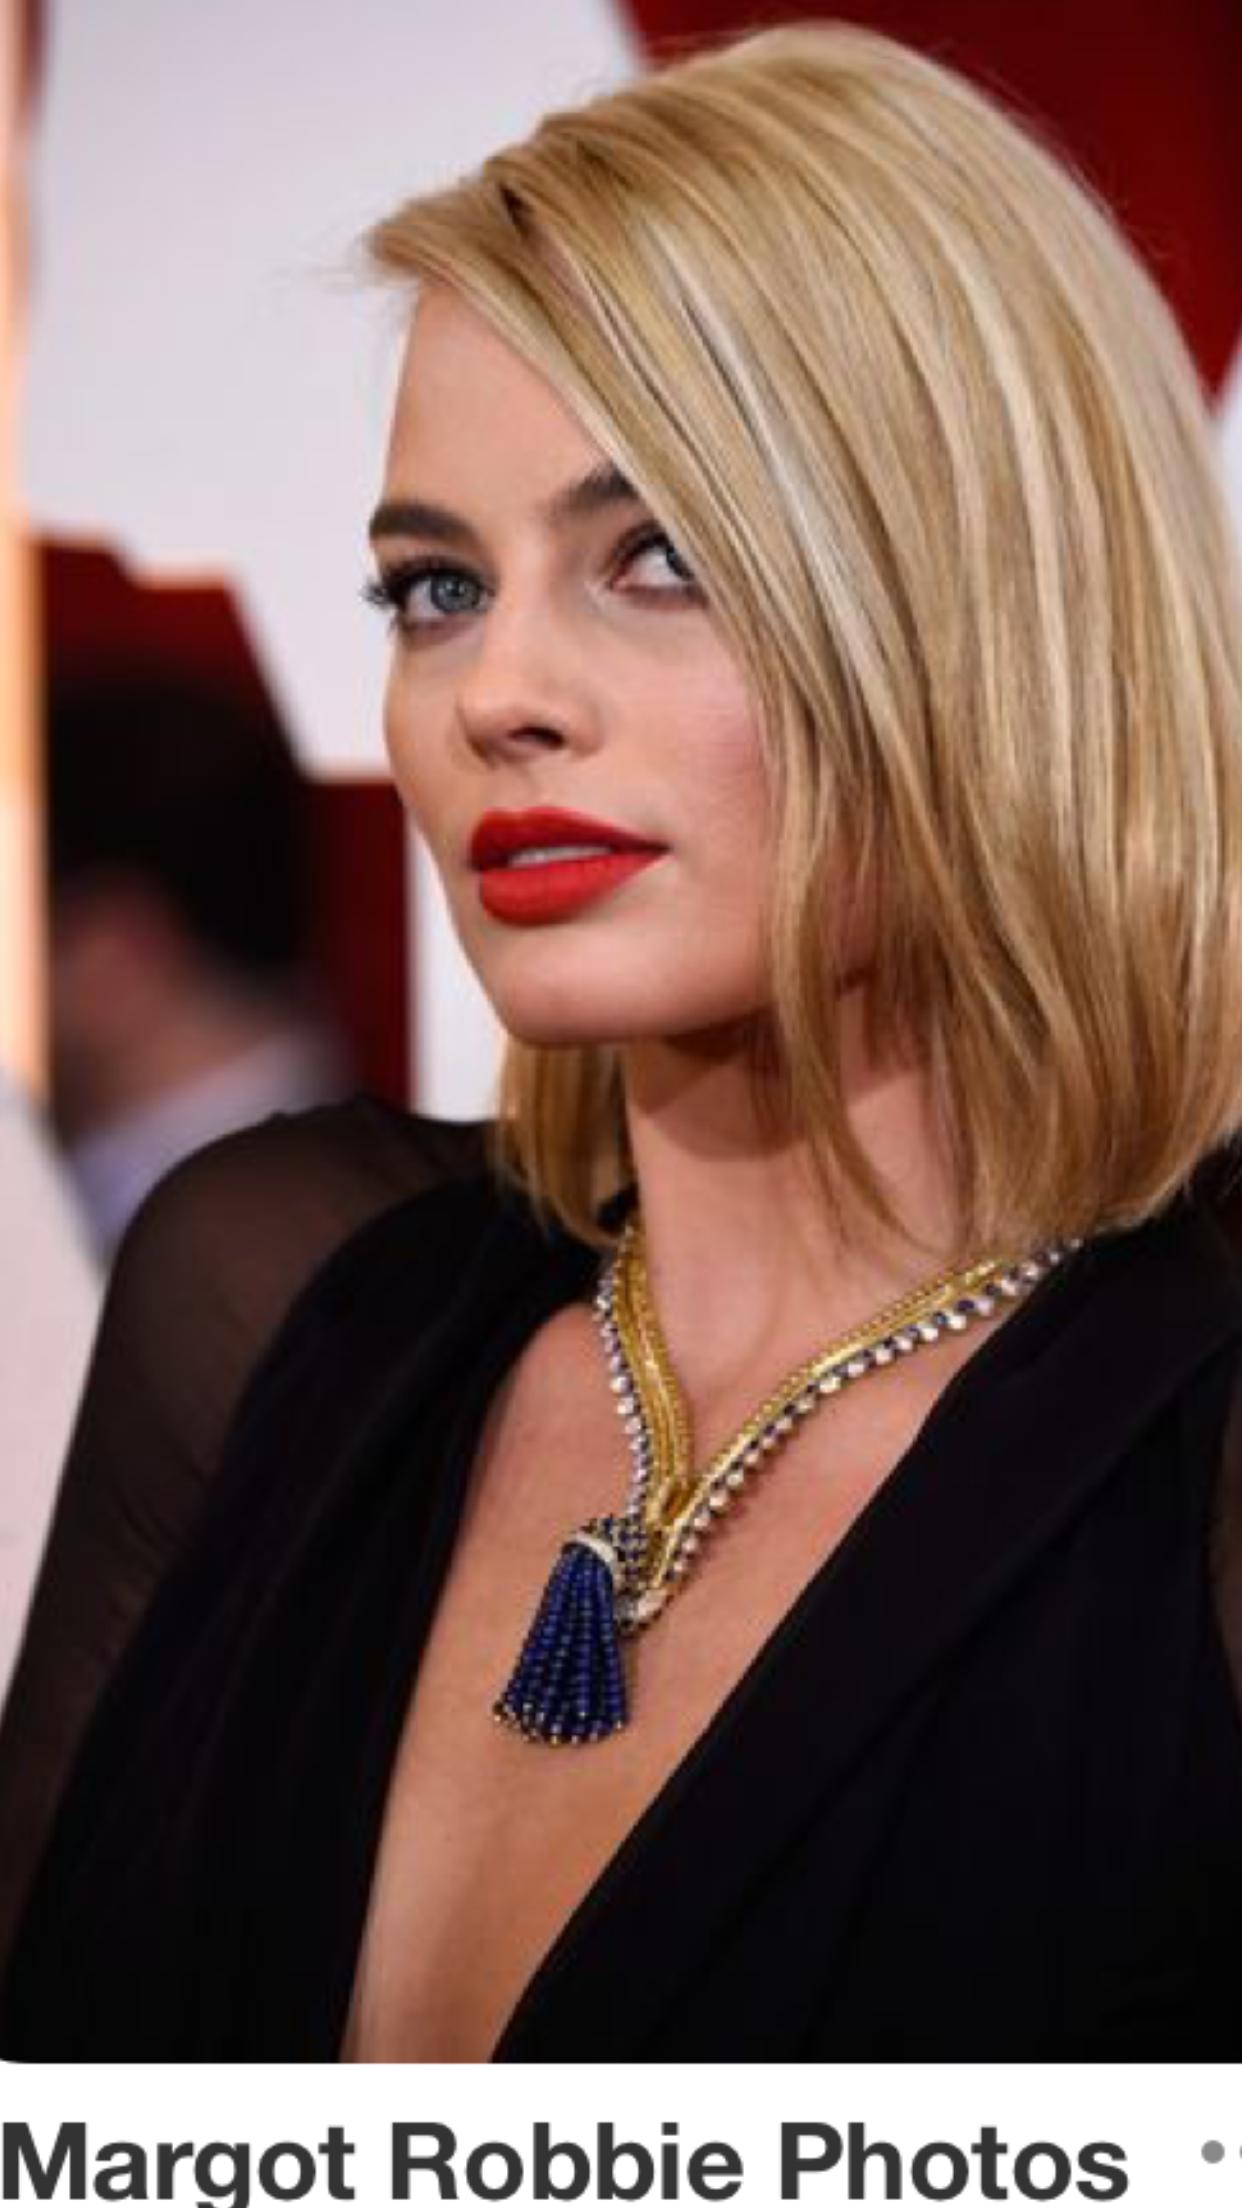 Pin By Mr White On Margot Robbie In 2018 Pinterest Margot Robbie